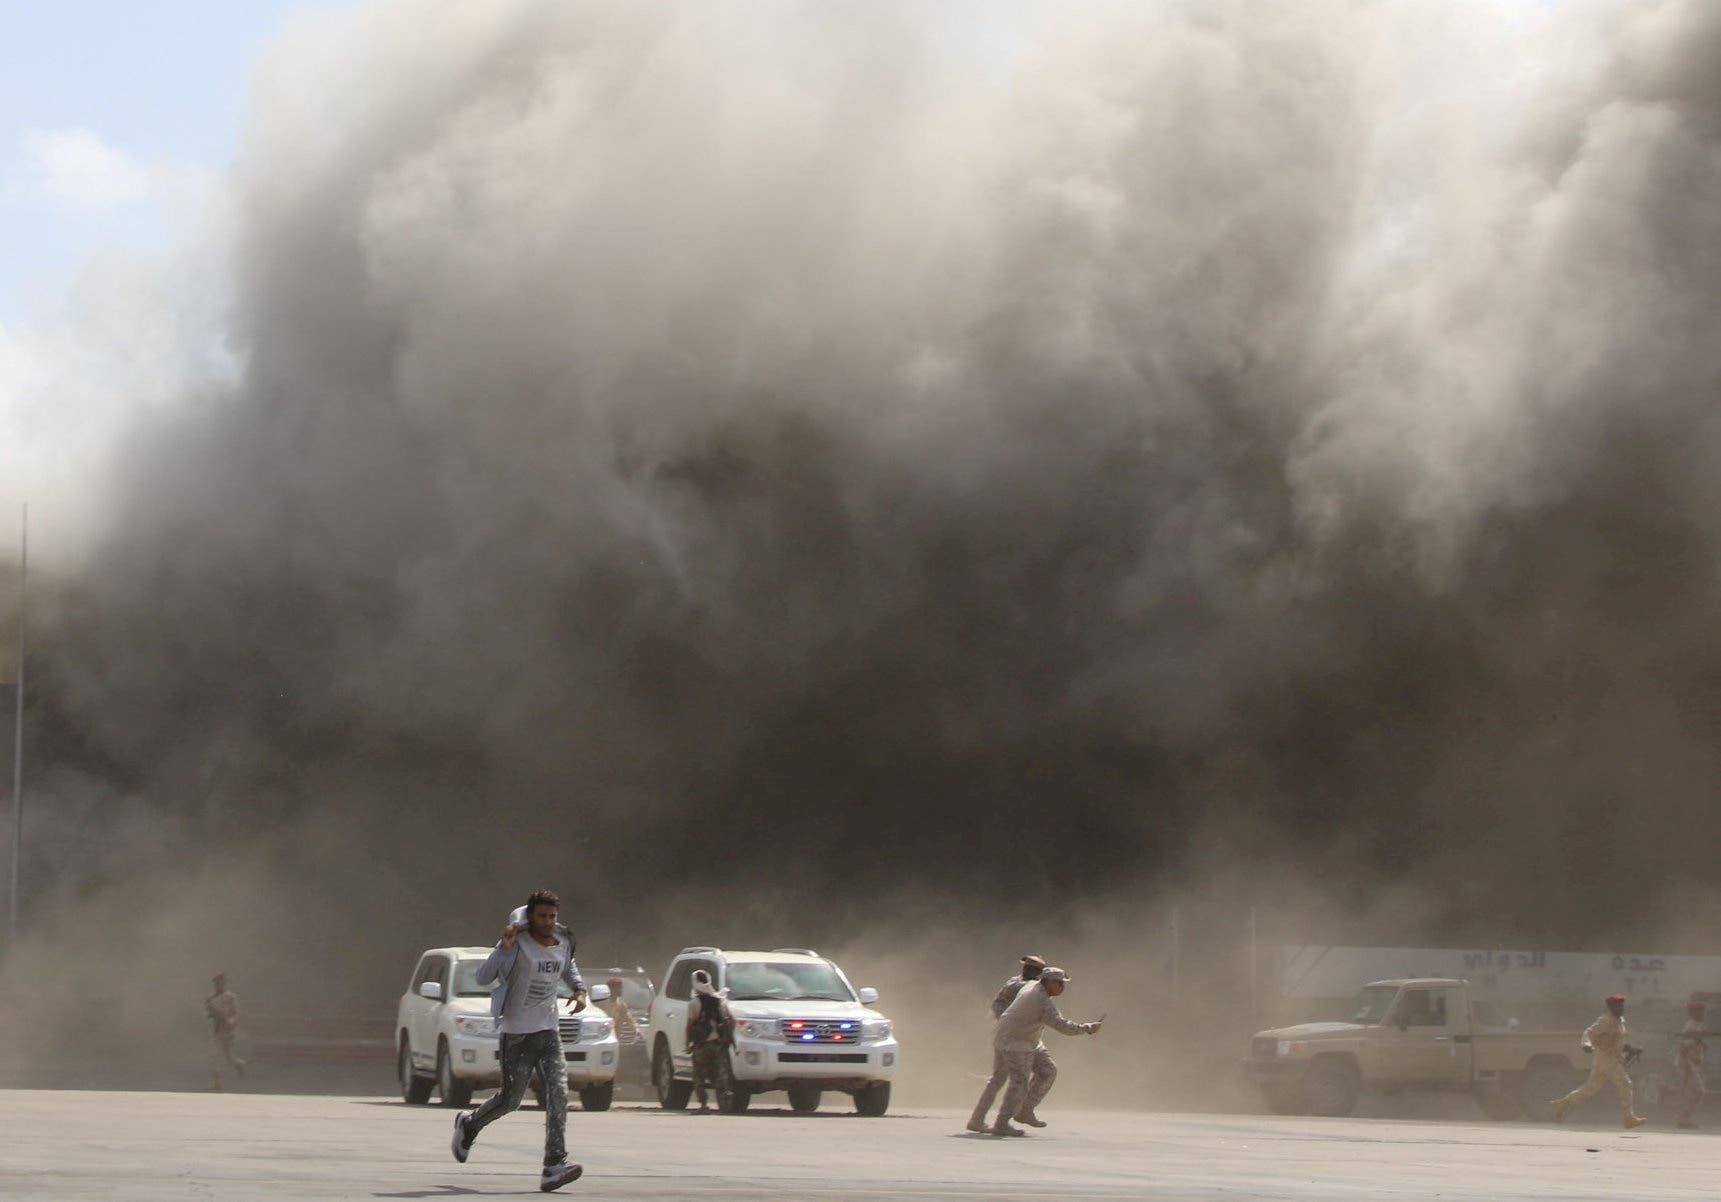 لحظة وقوع الهجوم في مطار عدن